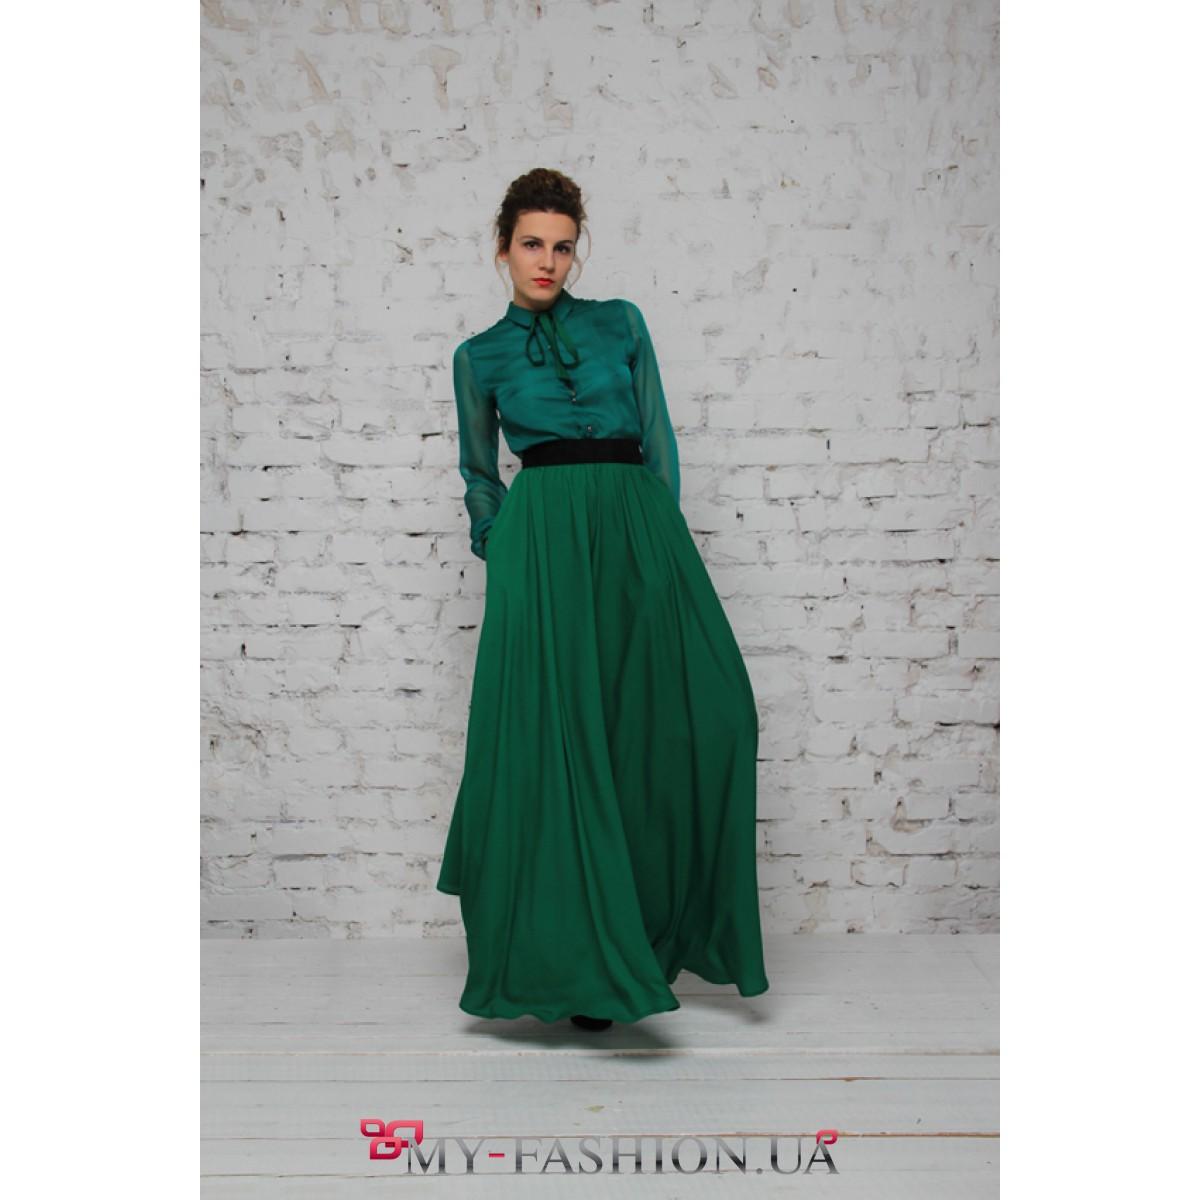 Двухцветное платье длинное